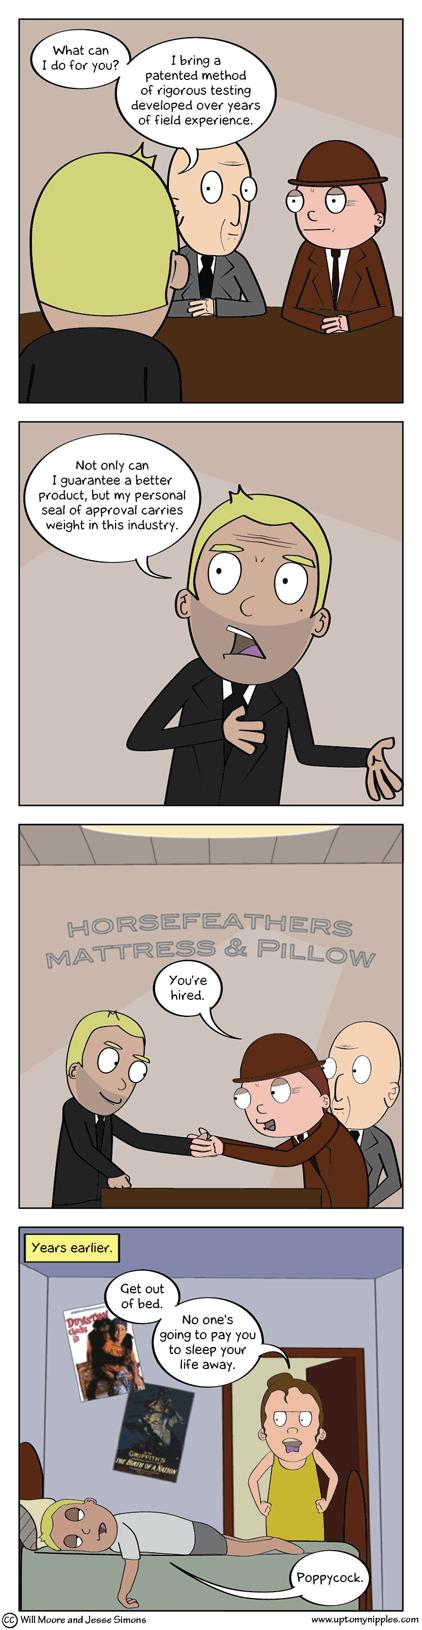 R & R & D comic